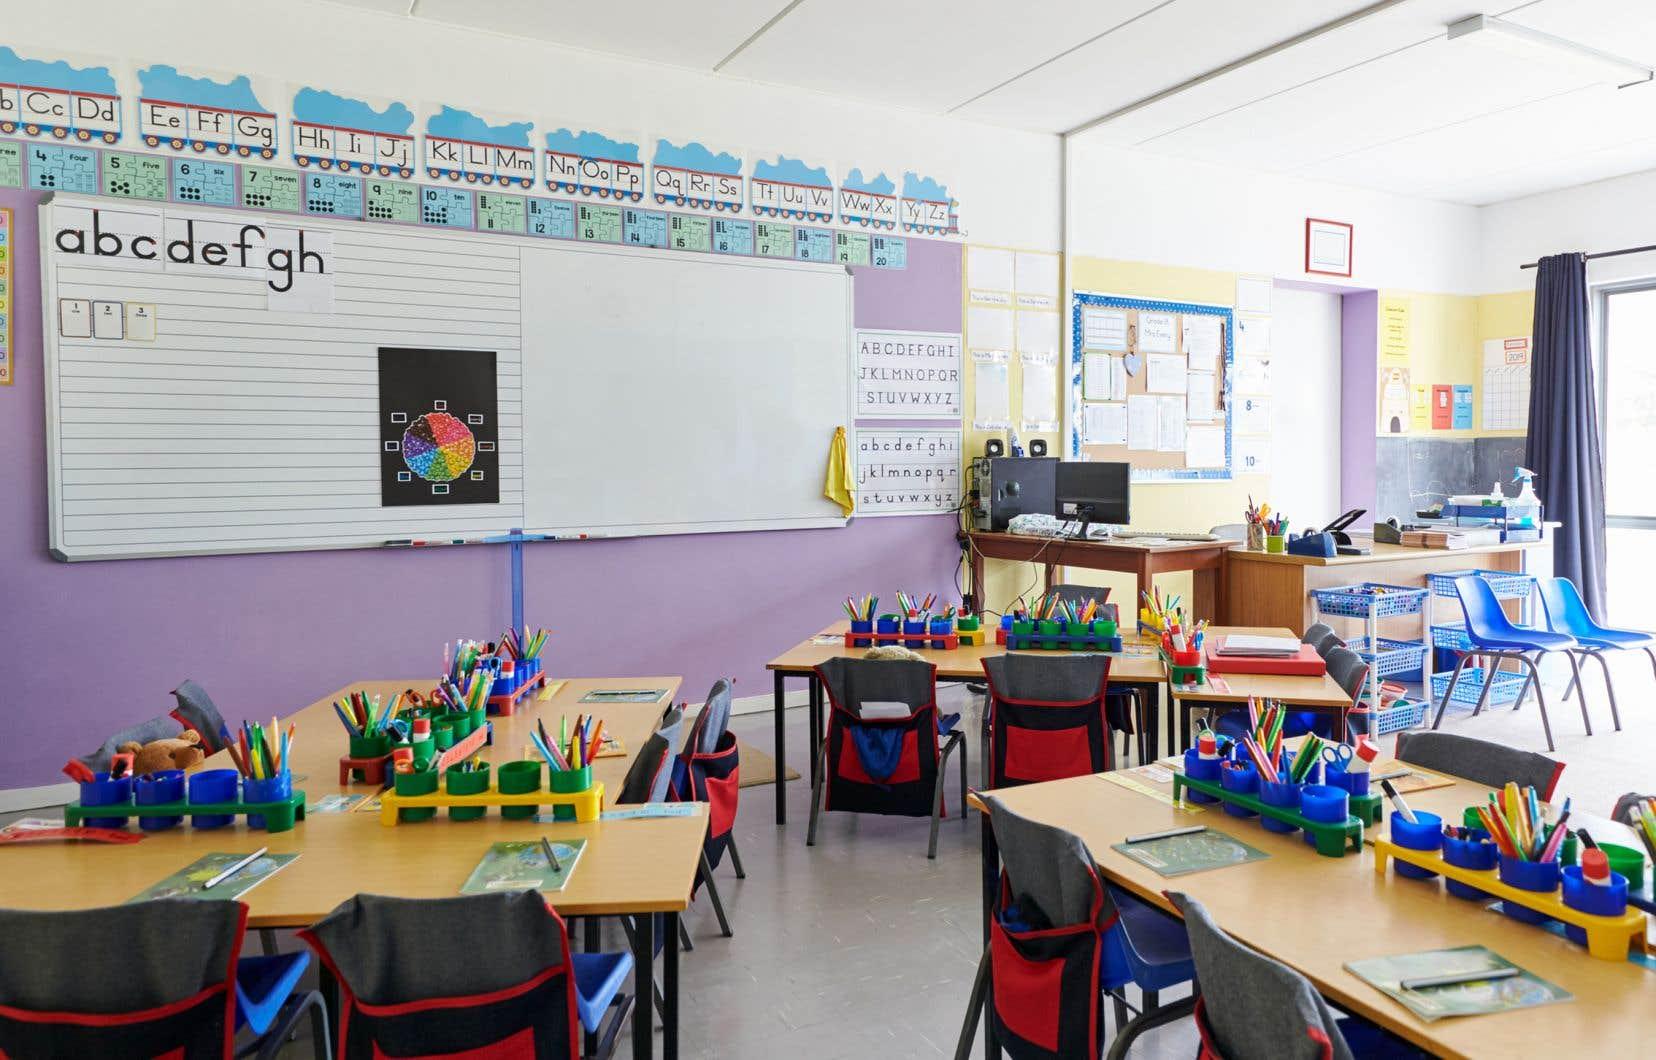 «Actuellement, 422 écoles et 9143 classes sont fermées au Québec», déplore l'auteur.